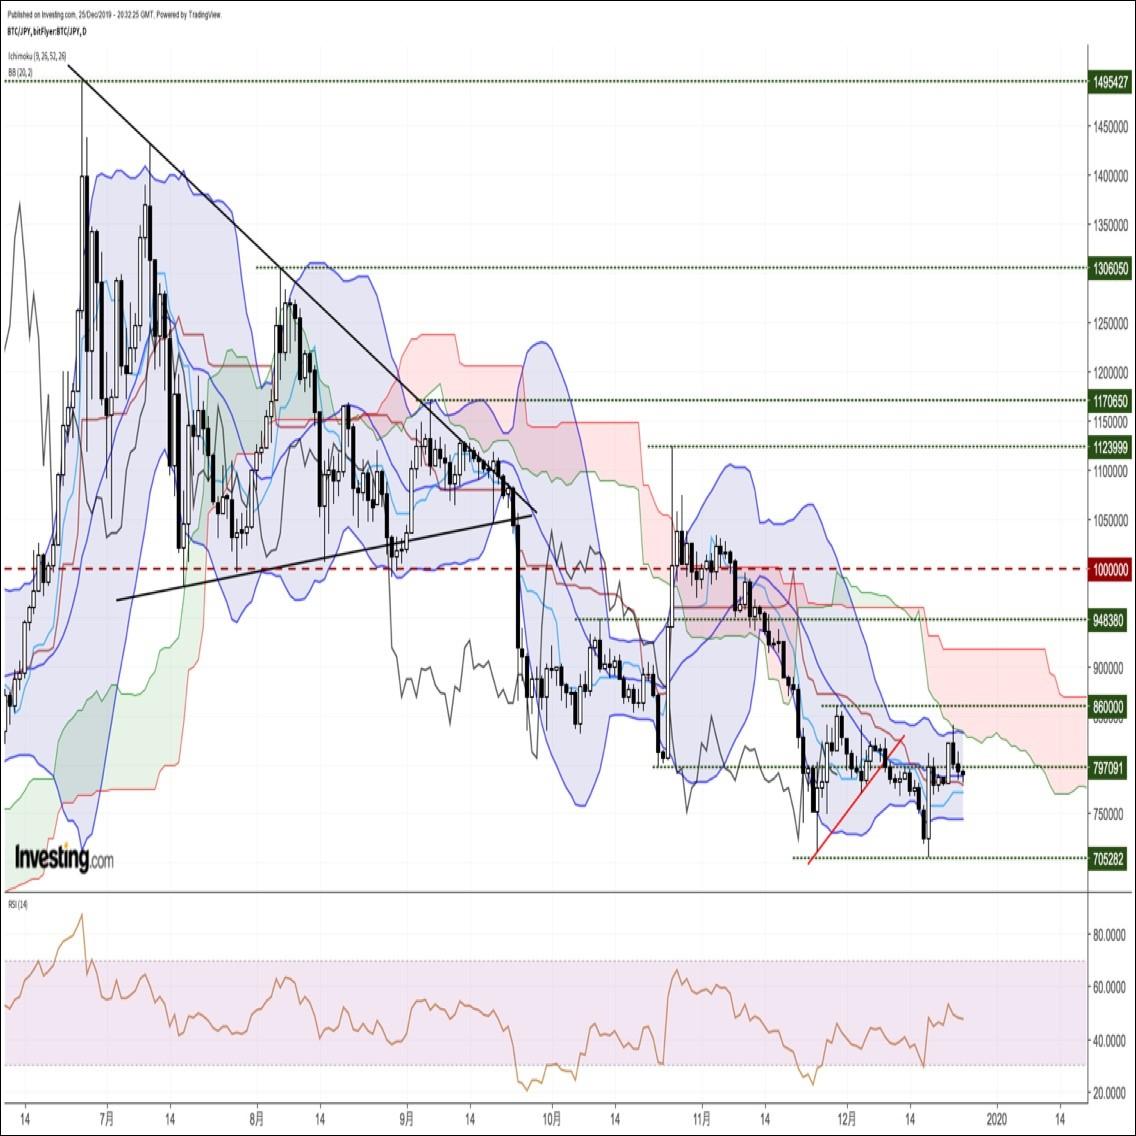 ビットコイン円、動意に乏しい展開。下値トライも一目均衡表基準線に続落を阻まれる(12/26朝)